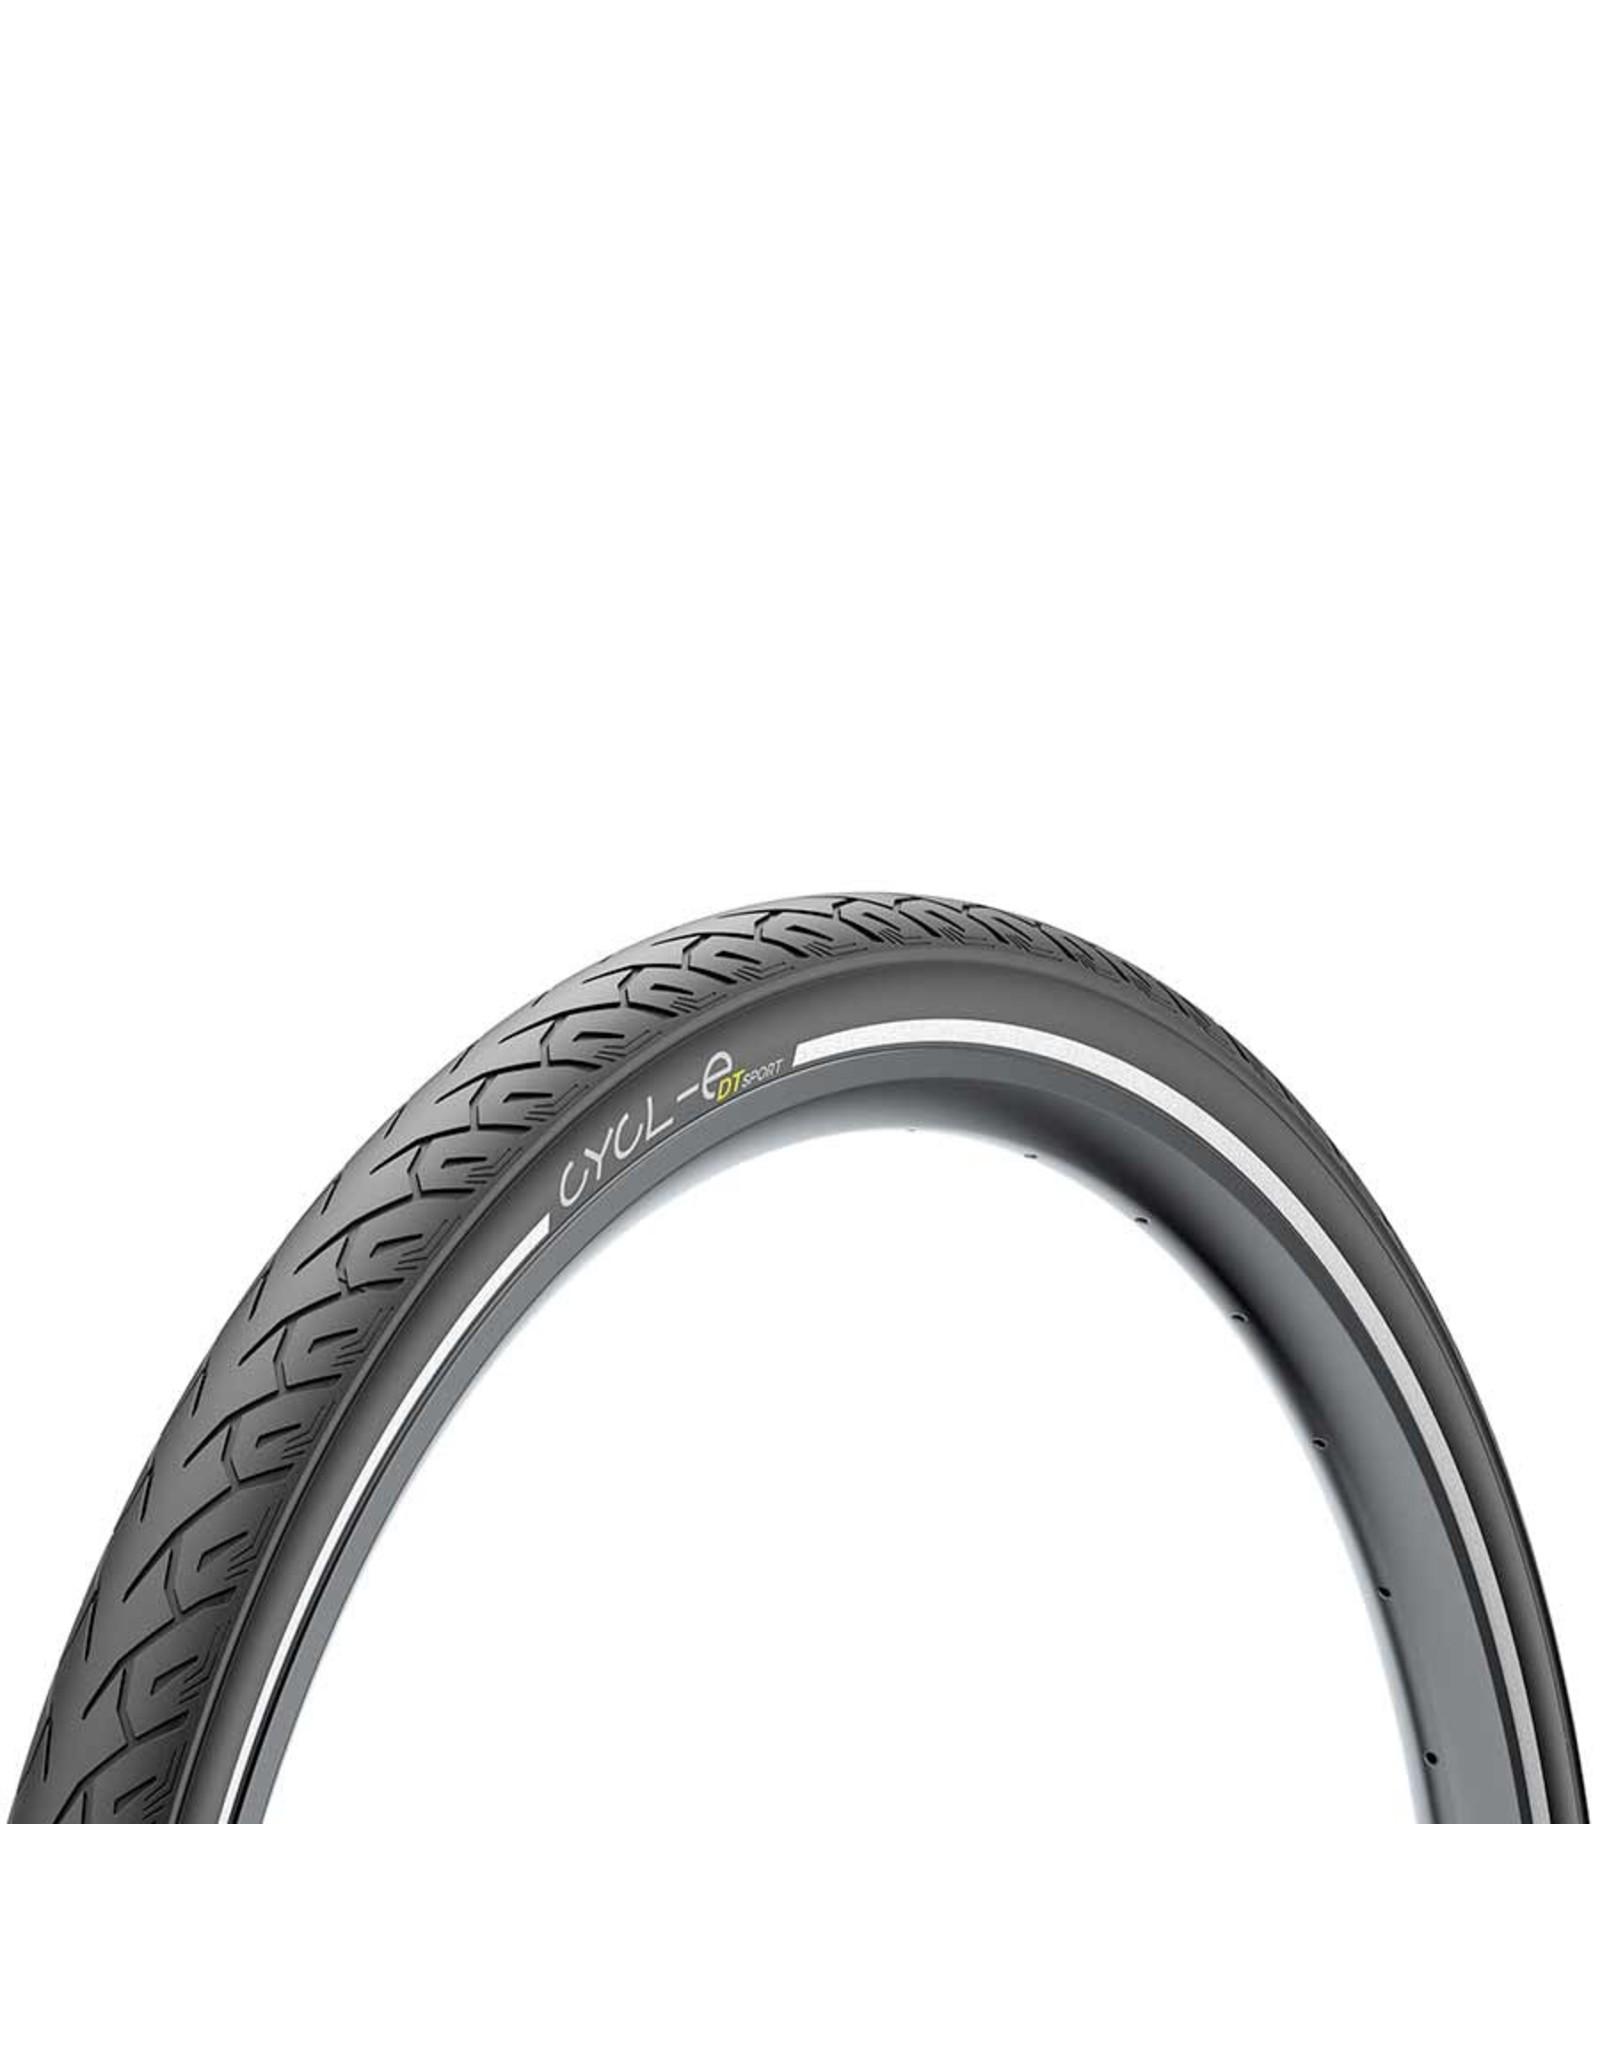 Pirelli Pirelli, Cycl-e DTs, Tire, 700x35C, Wire, Clincher, Black